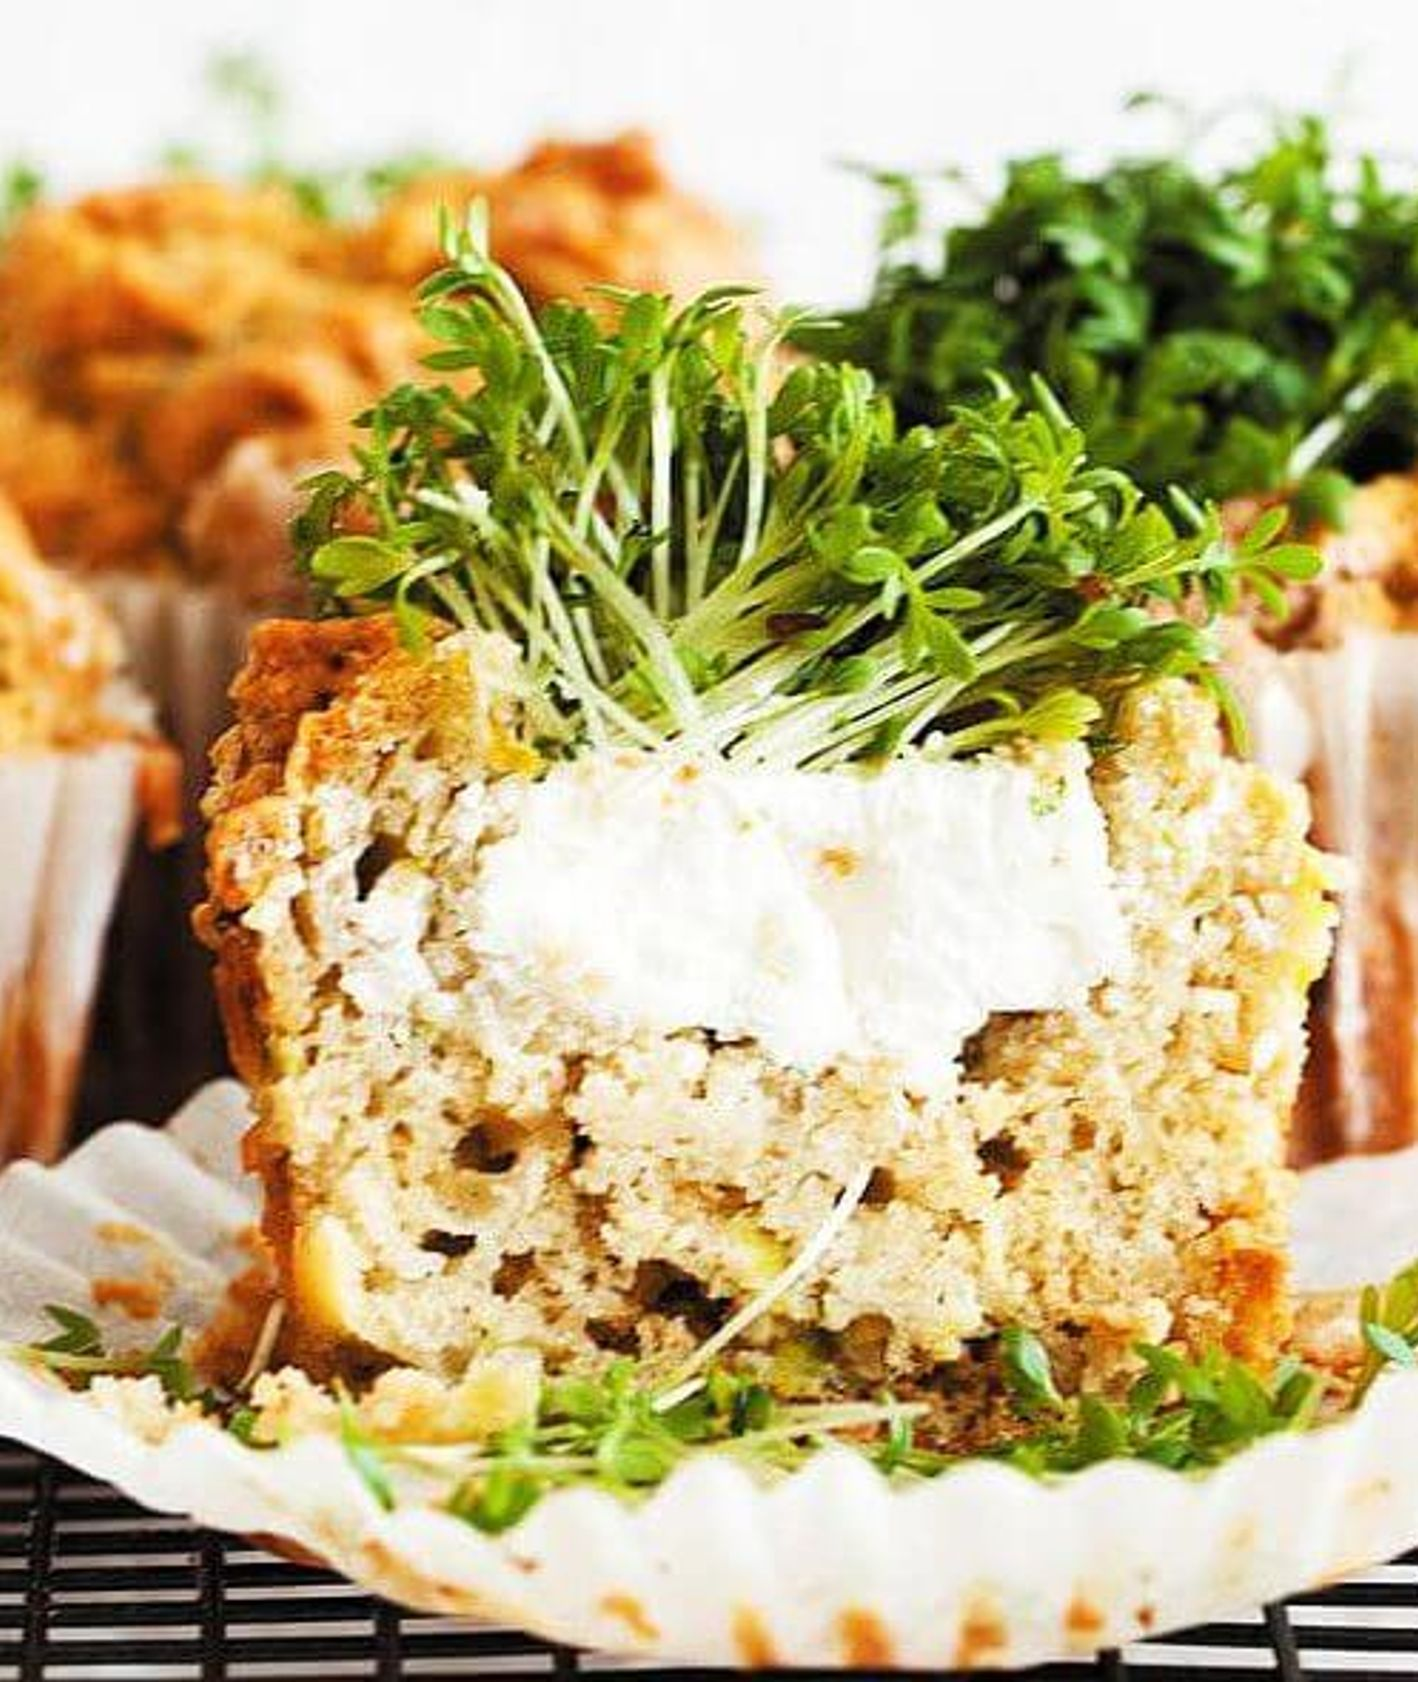 wytrawne babeczki z rzeżuchą, muffinki na słono, muffinki z warzywami, babeczki na śniadanie, śniadanie na słono, przekąski na imprezę, przepis kukbuk, wiosenne przepisy